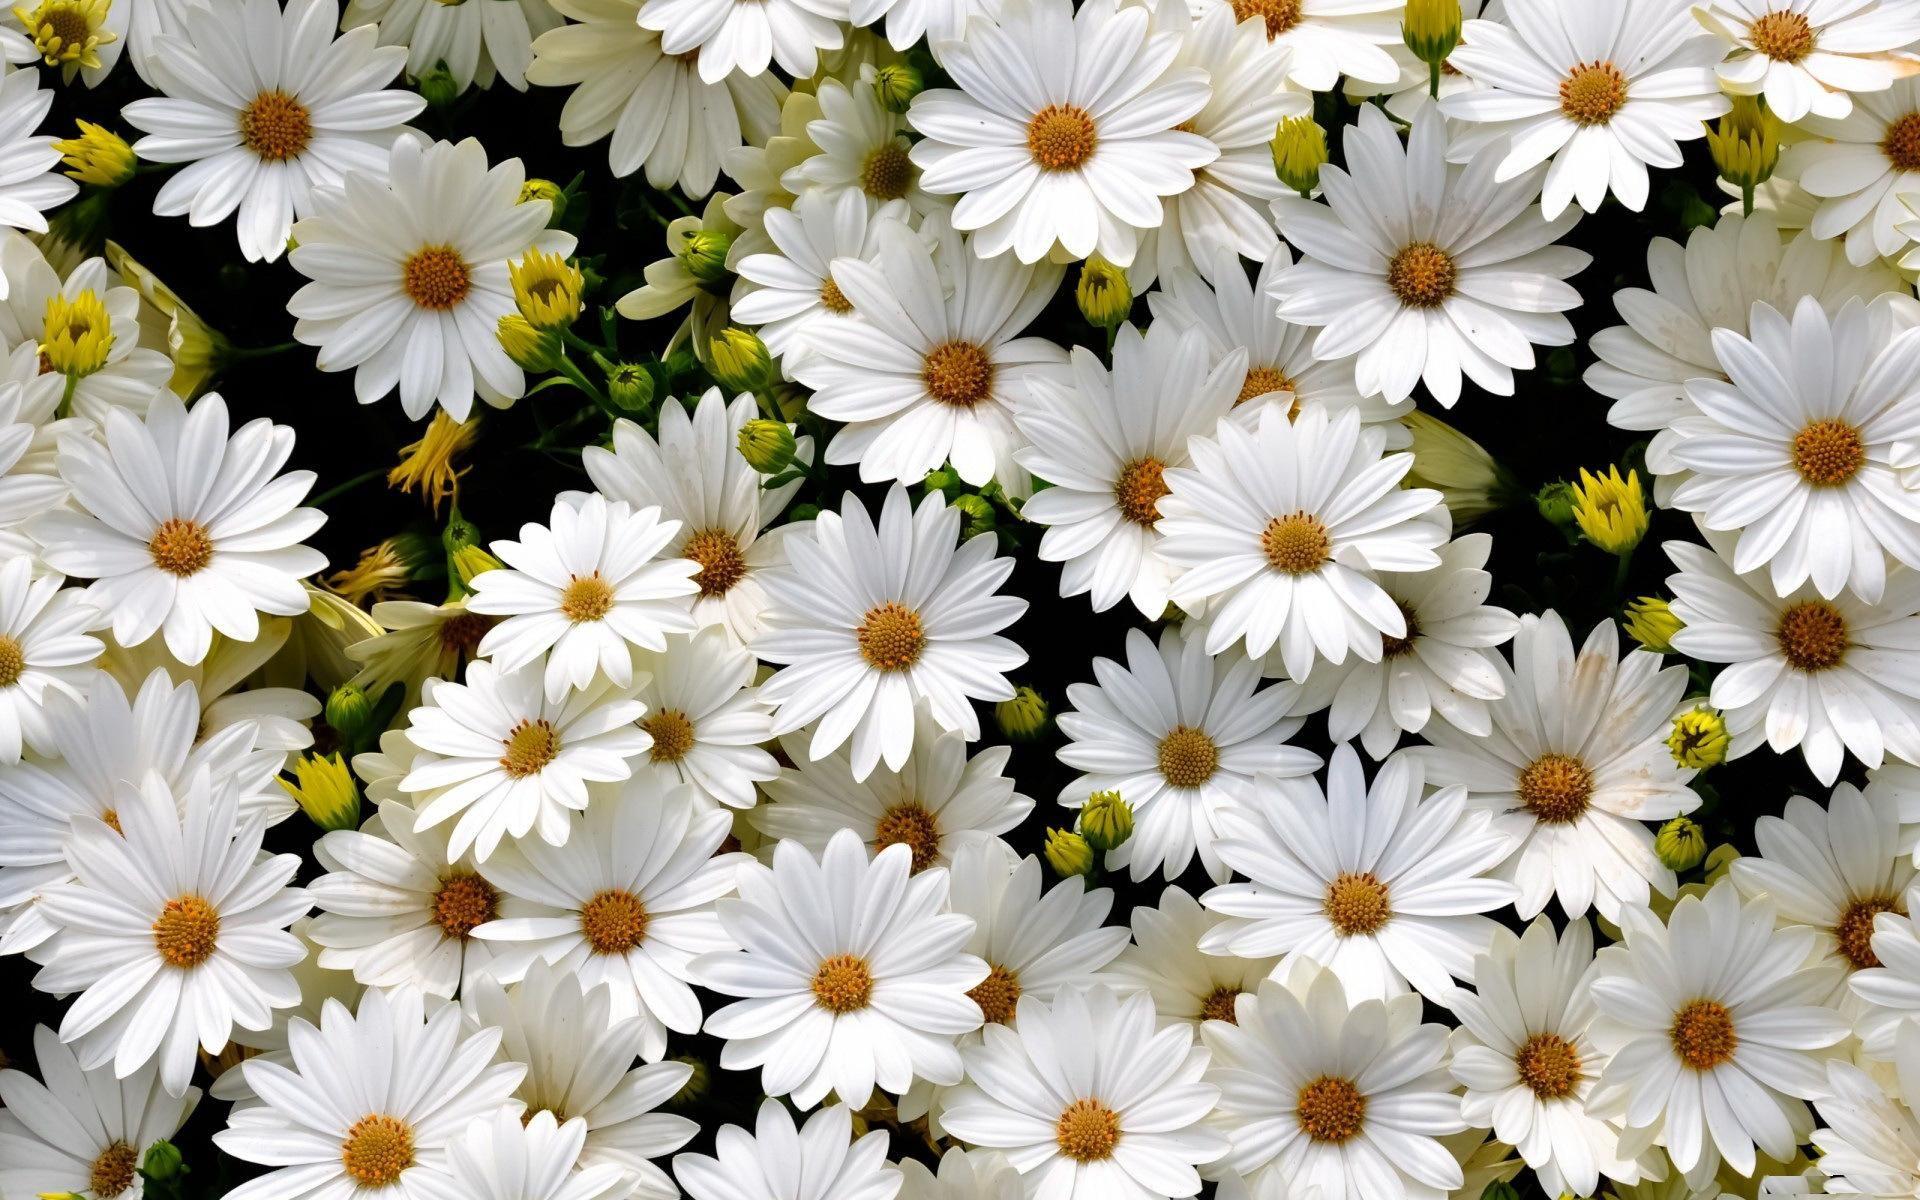 Daisy Flowers Tumblr Wallpaper Wide J7e Flower Desktop Hd